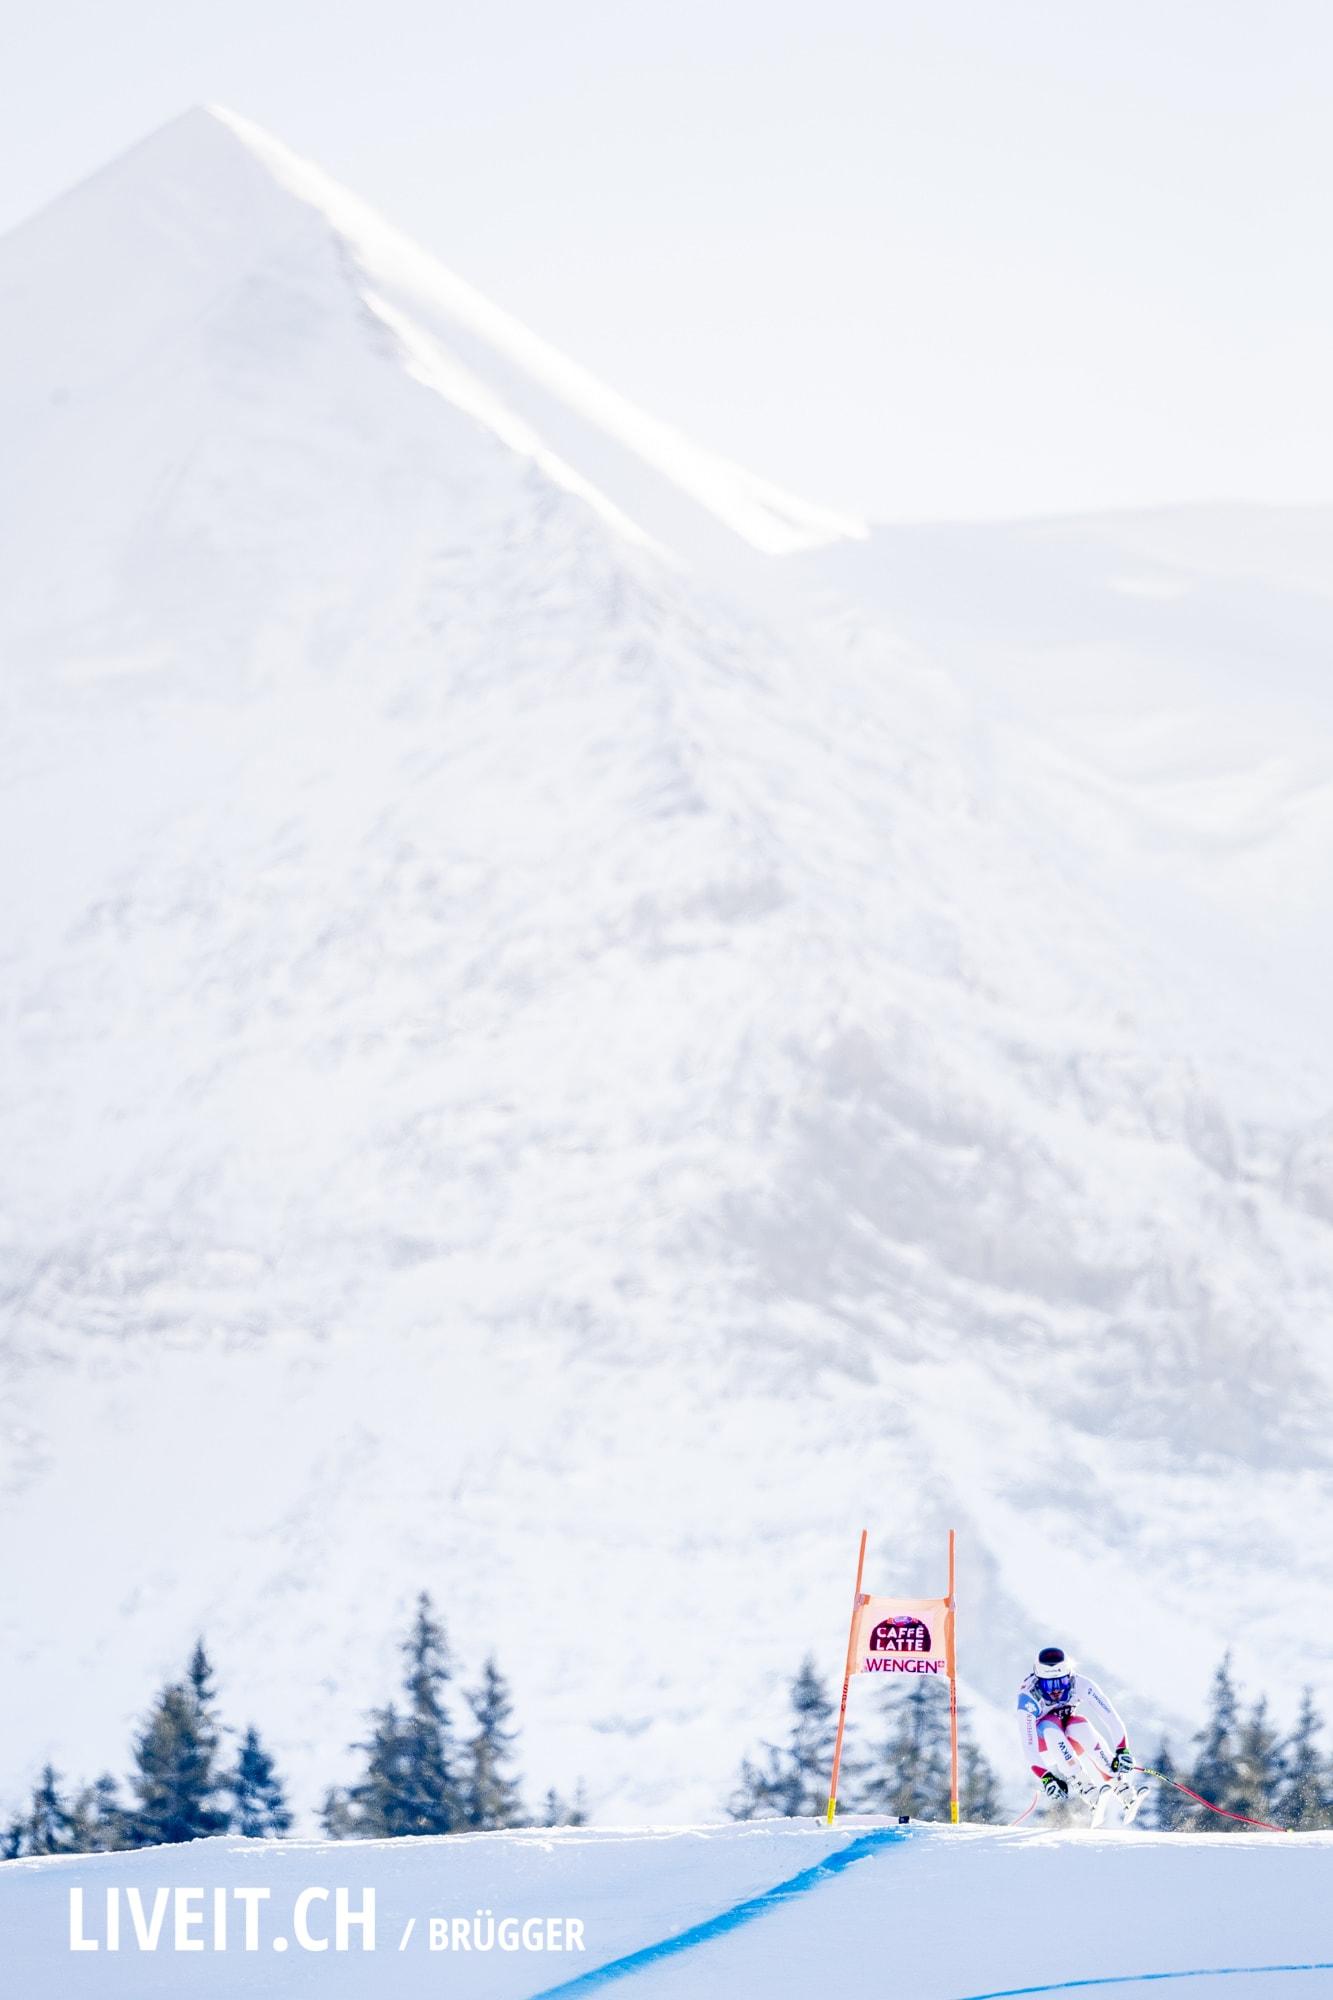 Gilles Roulin (SUI) fotografiert am Samstag, 19. Januar 2019 am Lauberhornrennen in der Disziplin: Abfahrt. (Fotografiert von Dominic Bruegger liveit.ch)